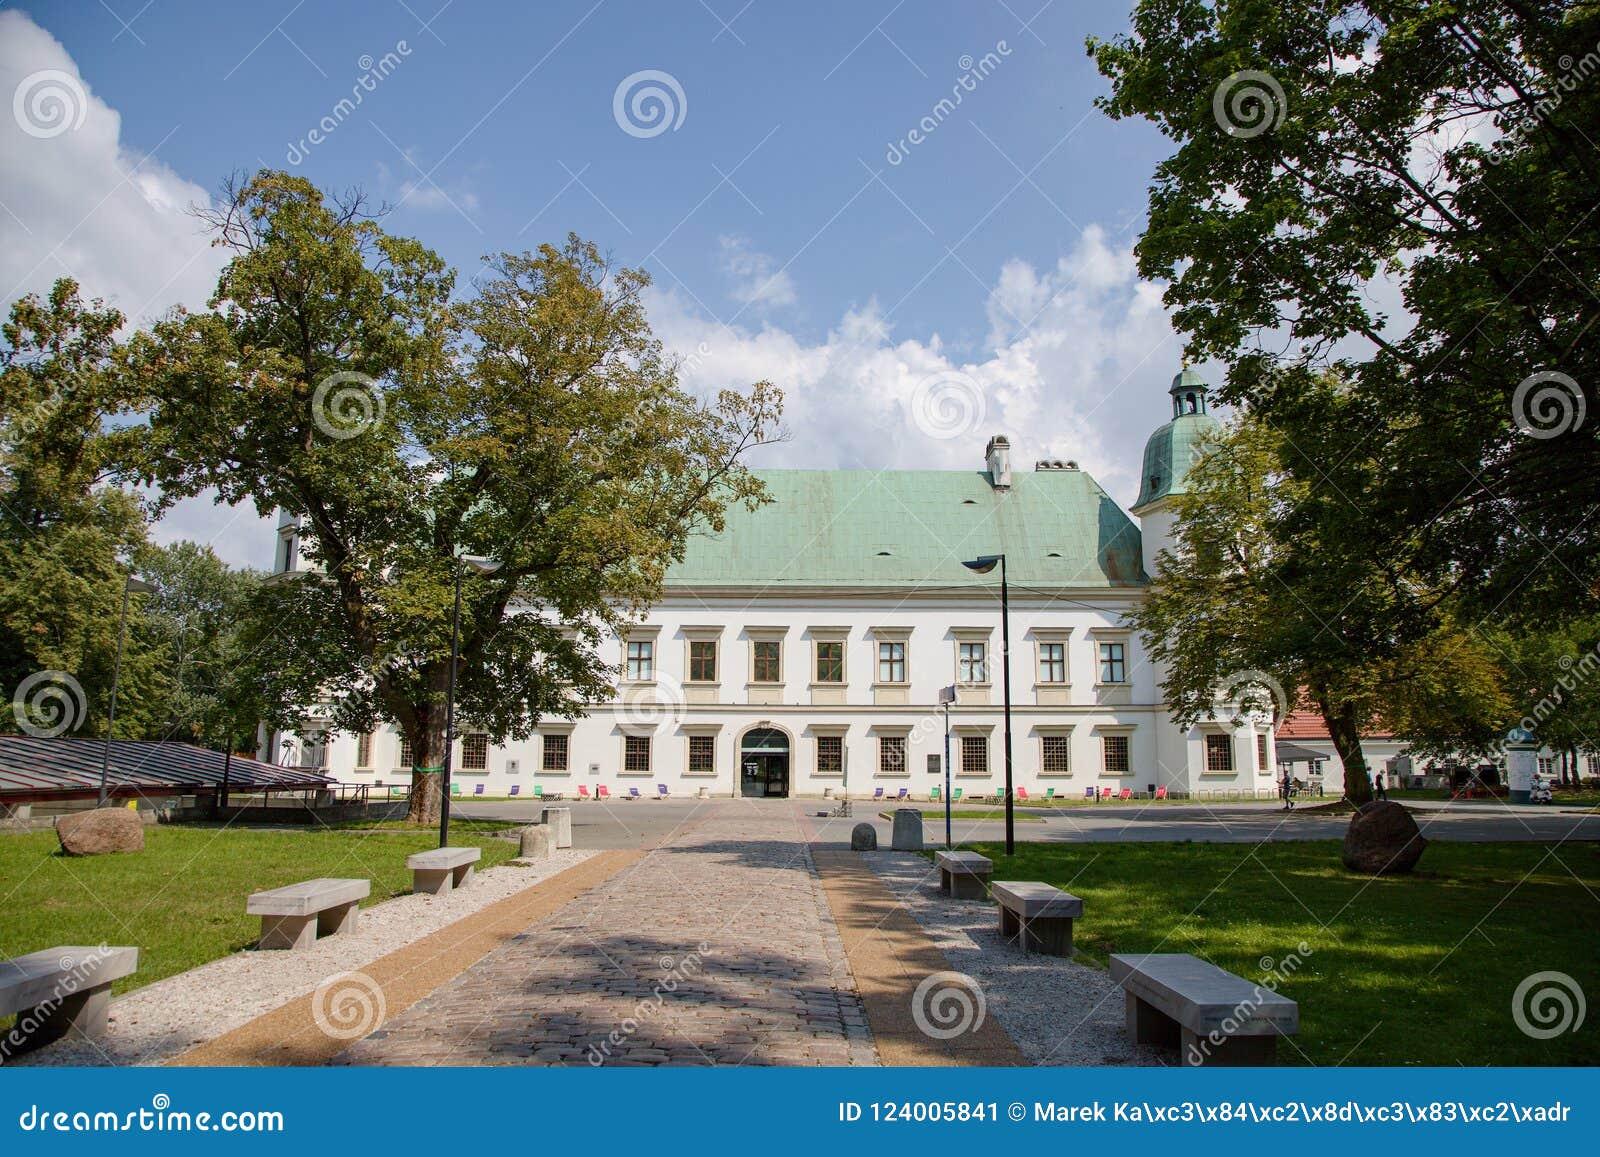 Κάστρο Ujazdà ³ W στη Βαρσοβία στην Πολωνία, Ευρώπη